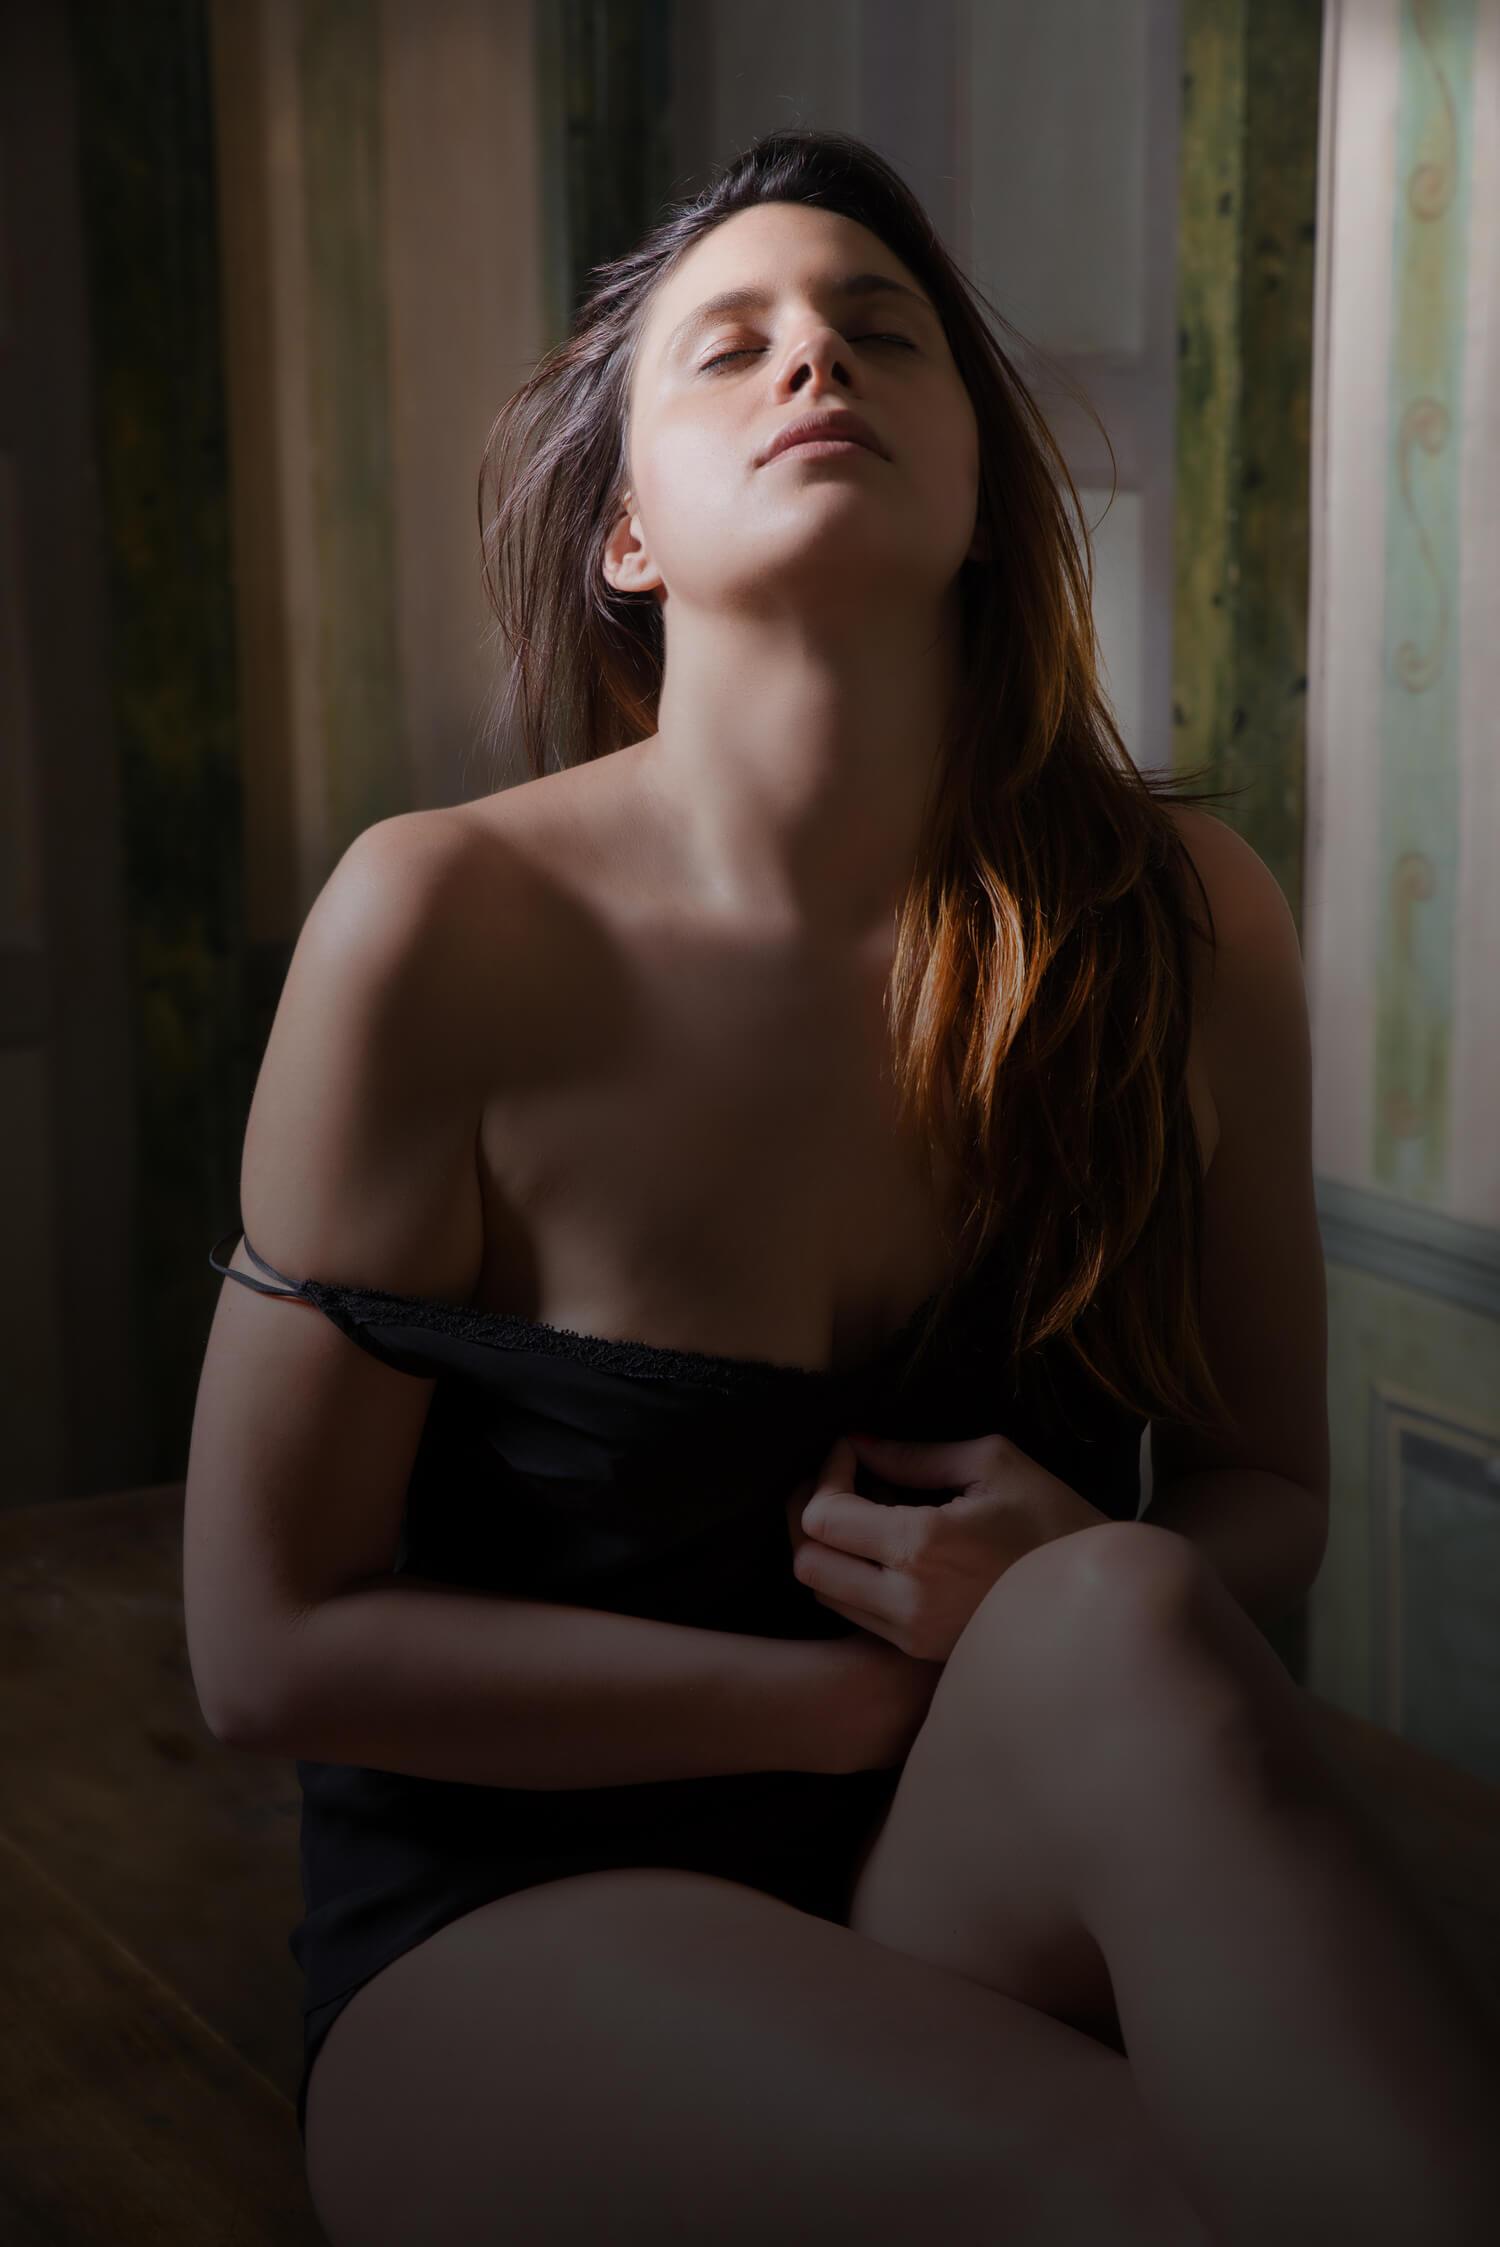 Ritratto Fotografico Portrait Ivan Maccagno Fotografo Busca Cuneo